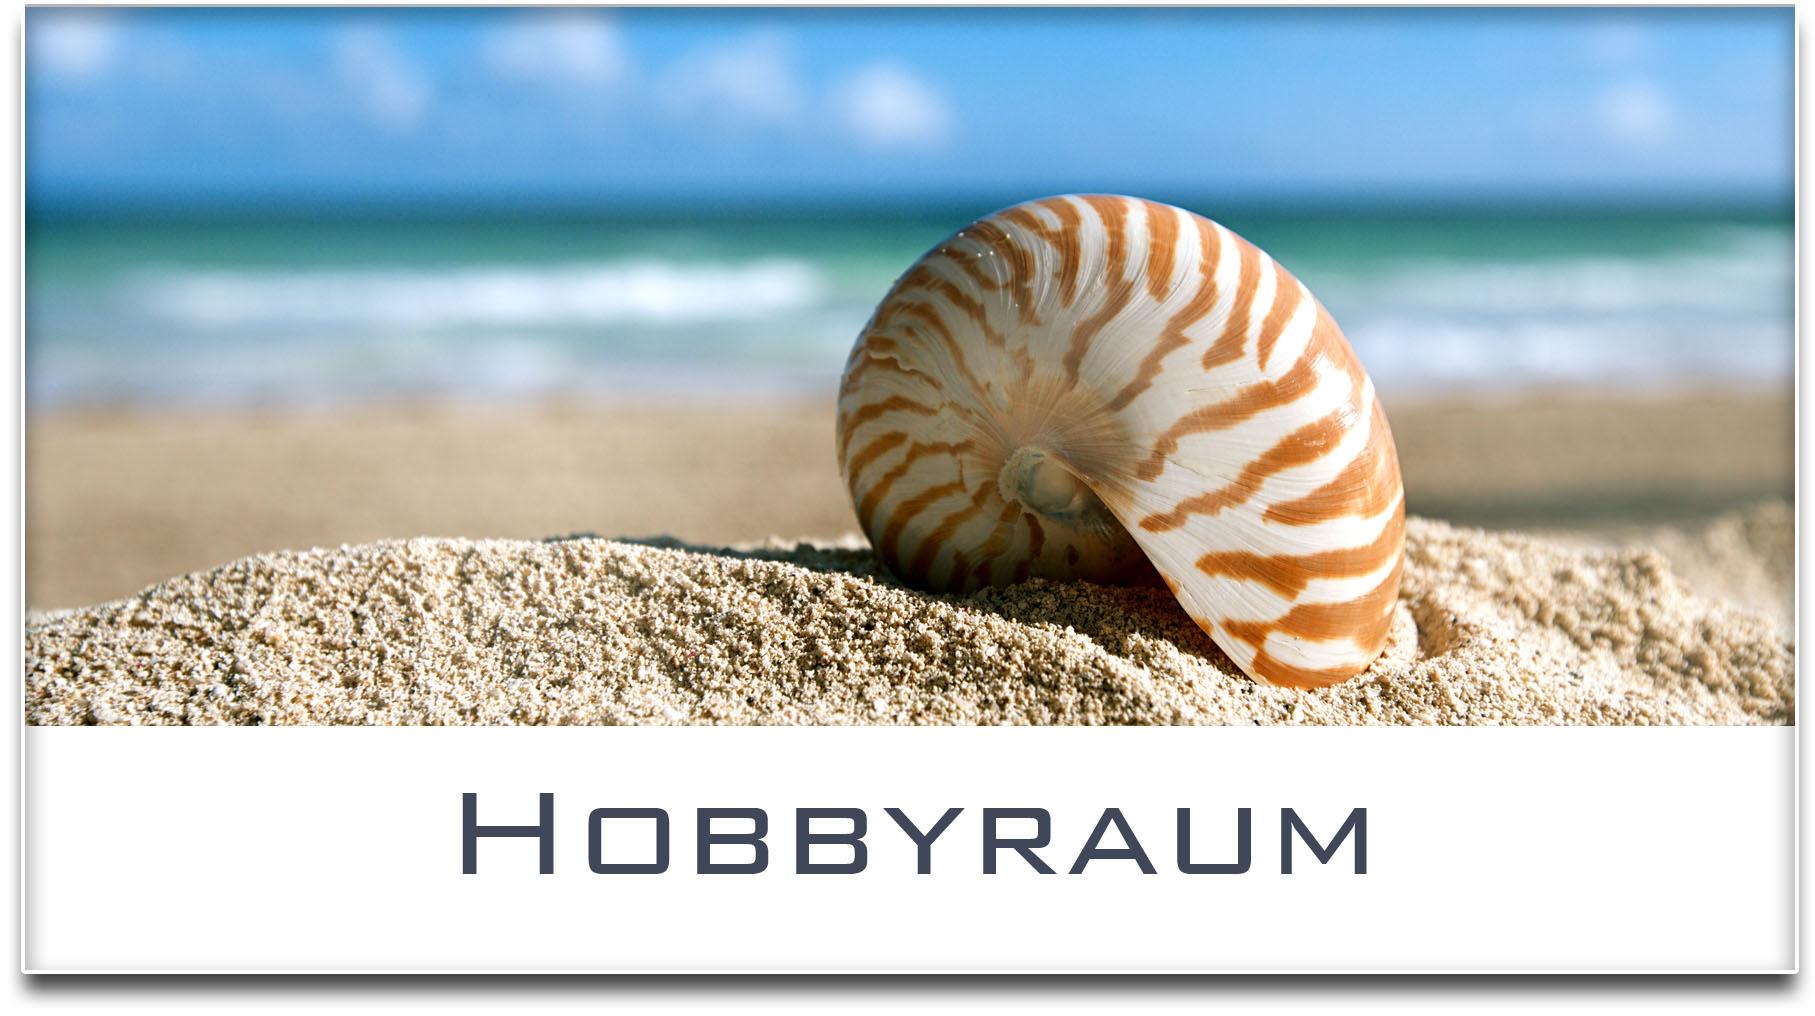 Türschild / Haustürschild / Muschel / Strand / Hobbyraum / Selbstklebend